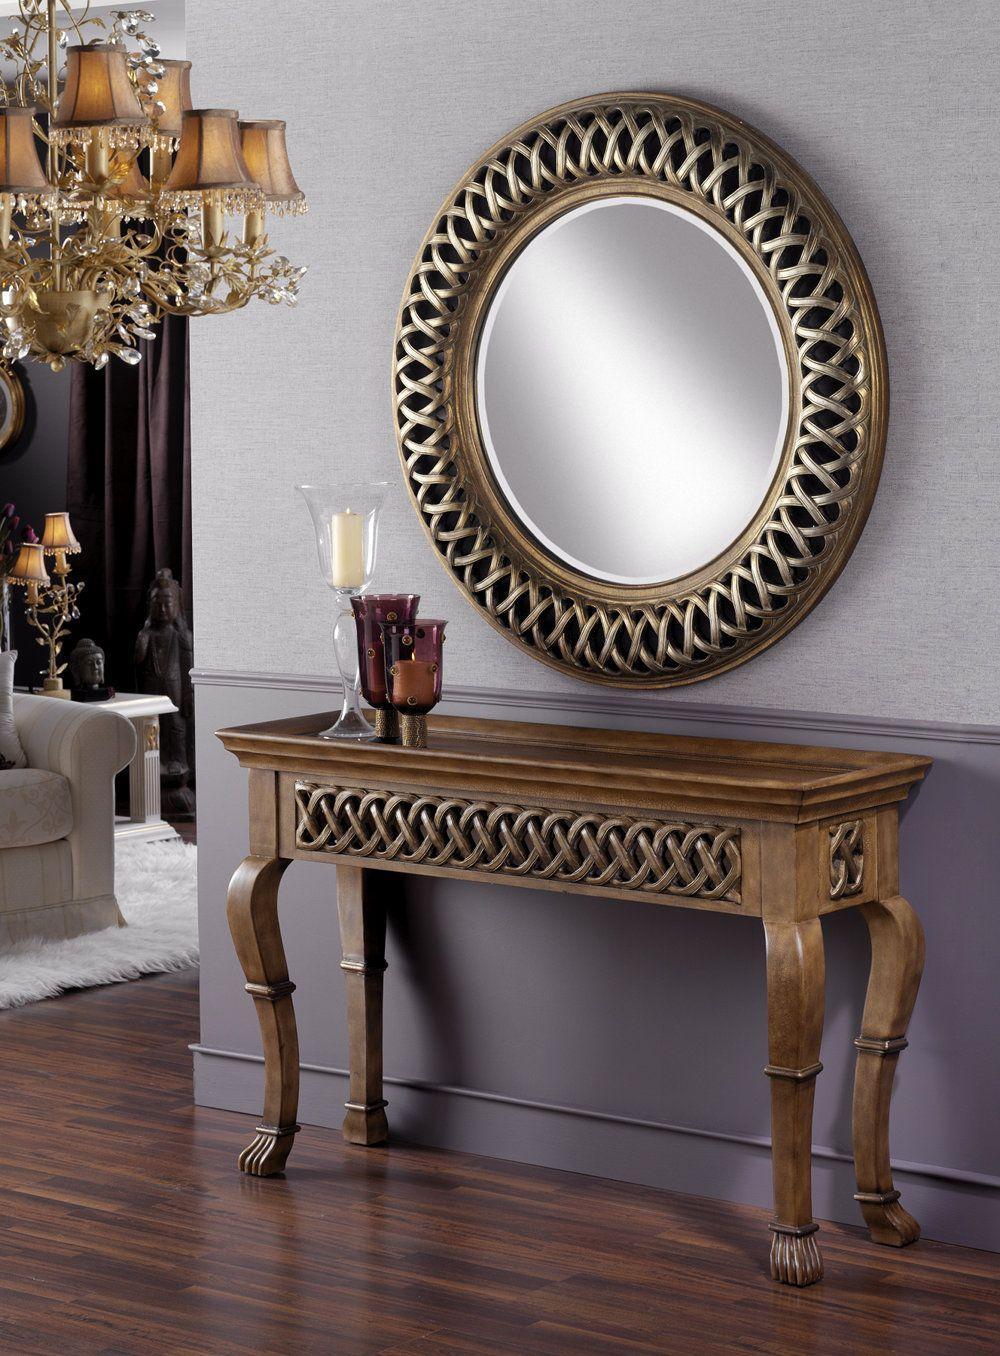 Espejos cl sicos decorativos marcos for Espejos decorativos para recibidor